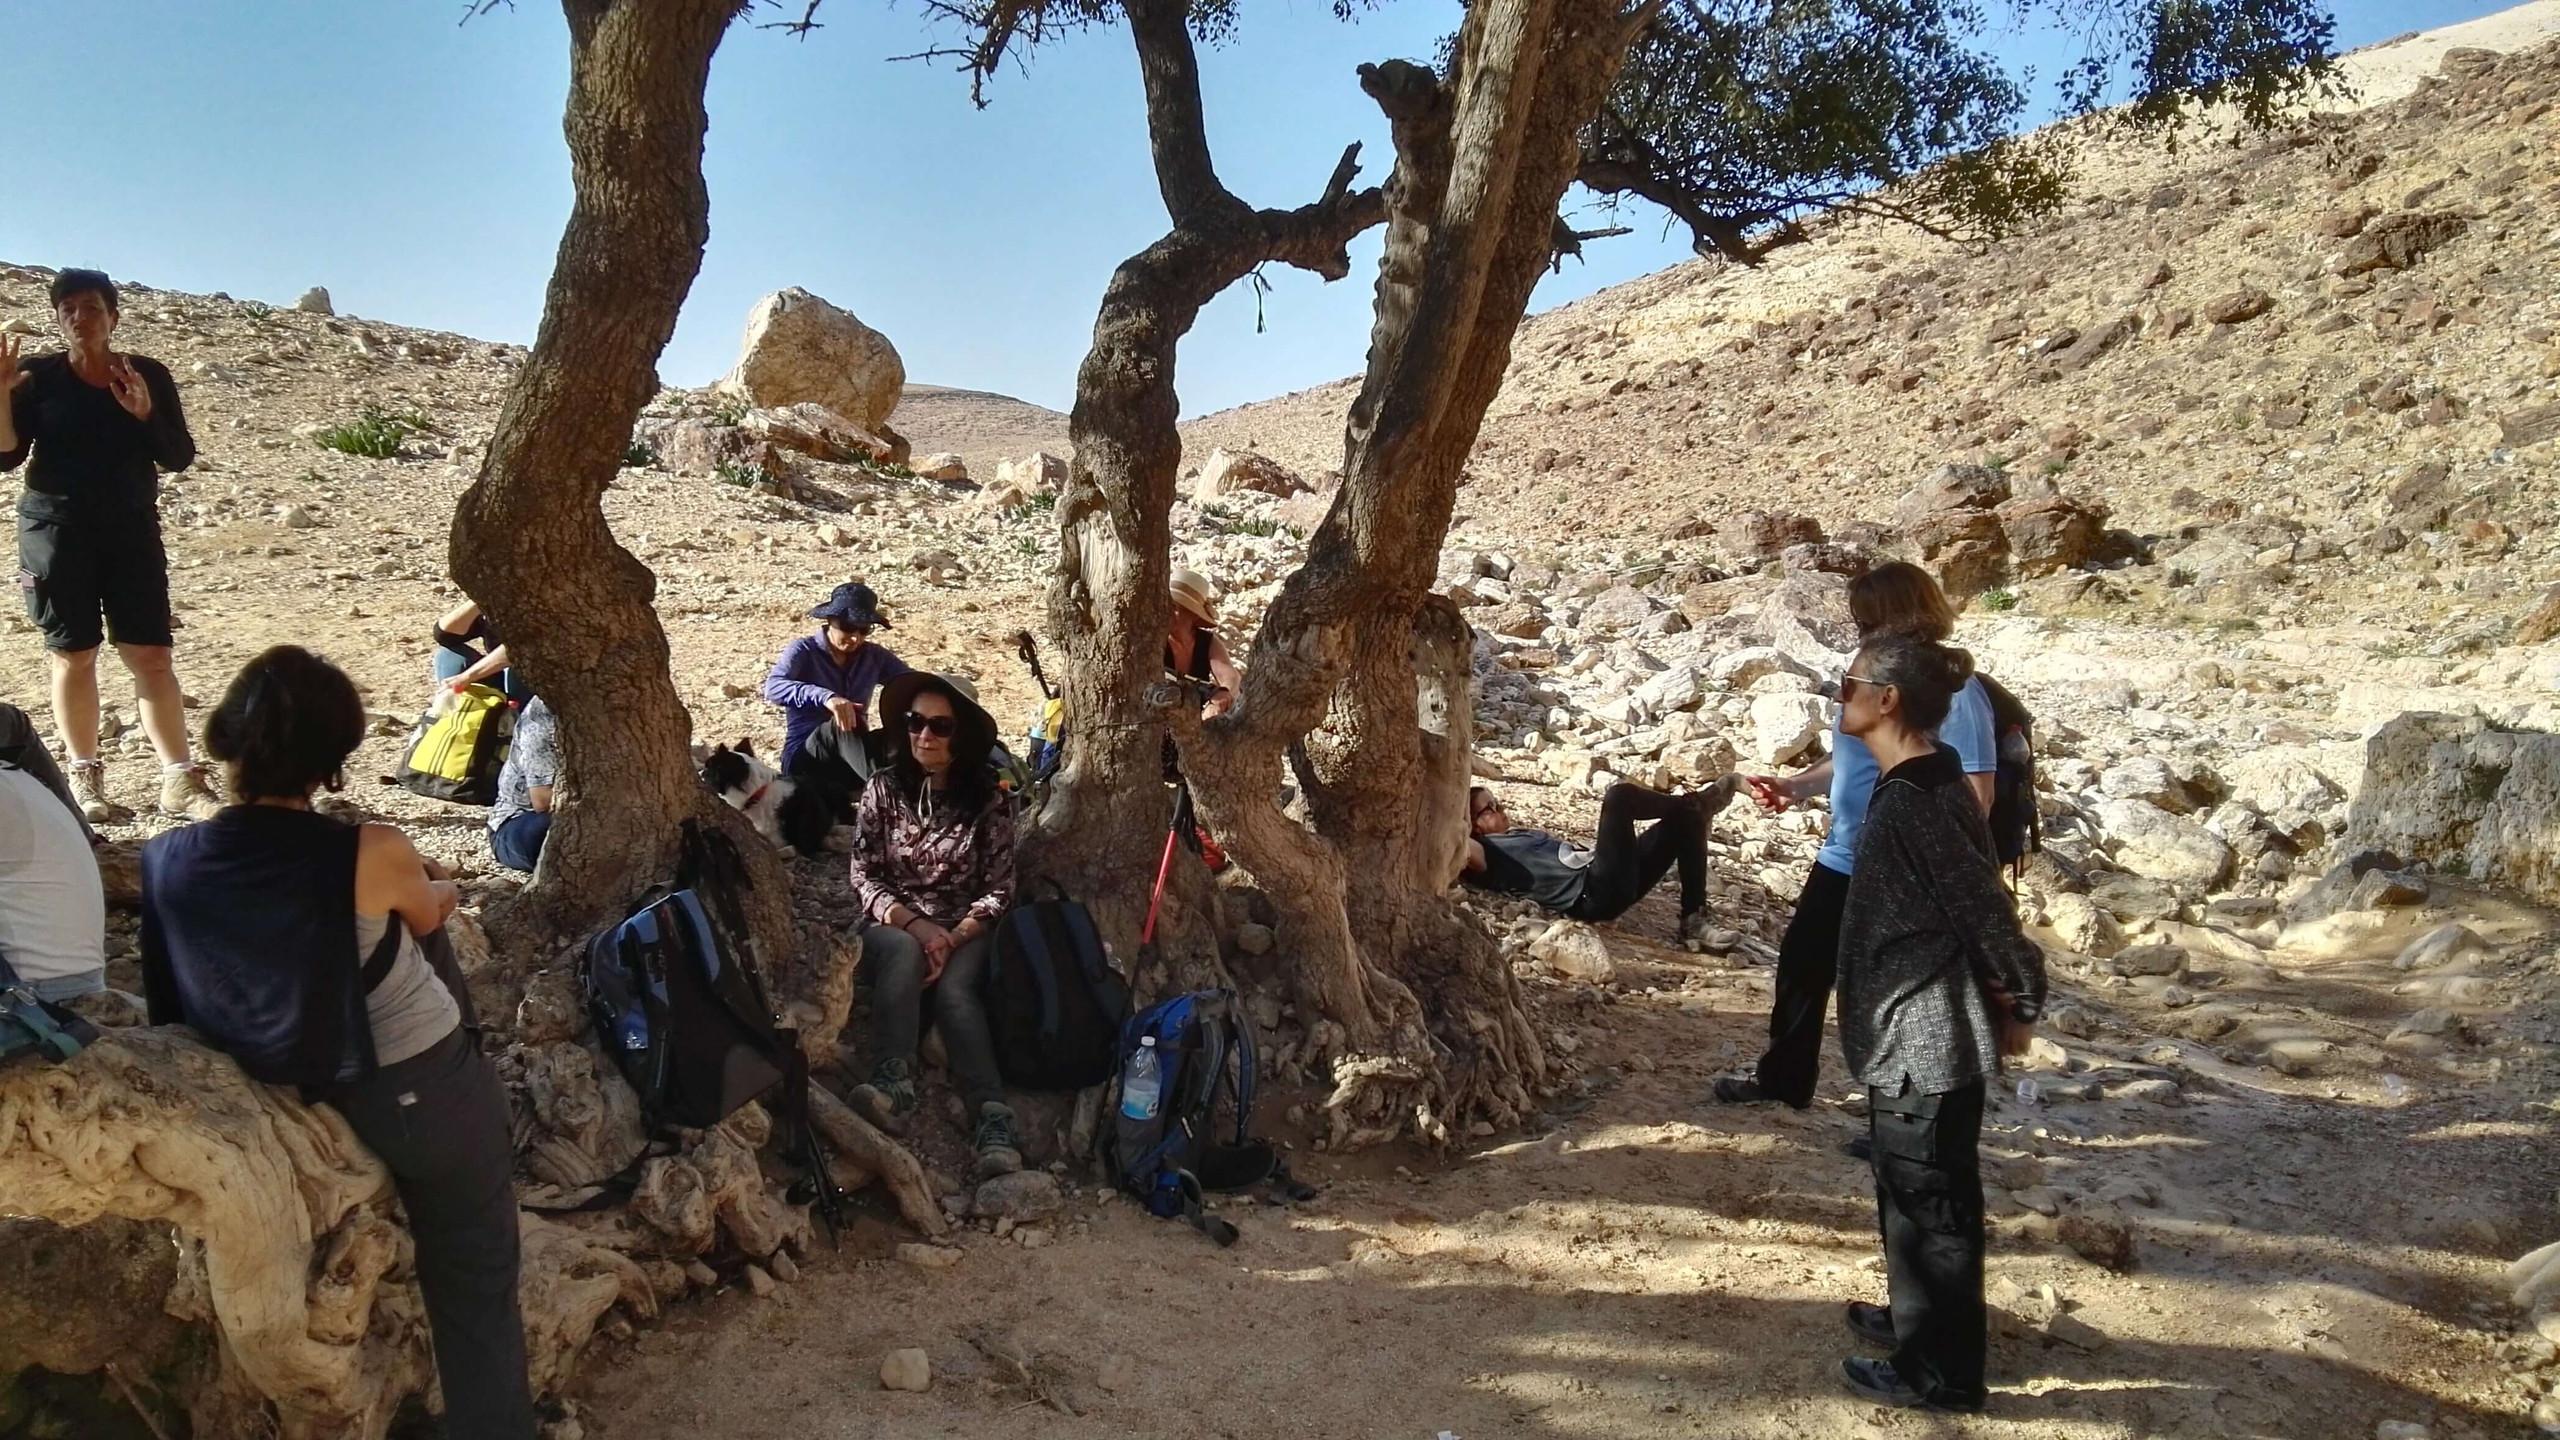 מאירות שביל ישראל תחת עץ השיזף בנחל קינה